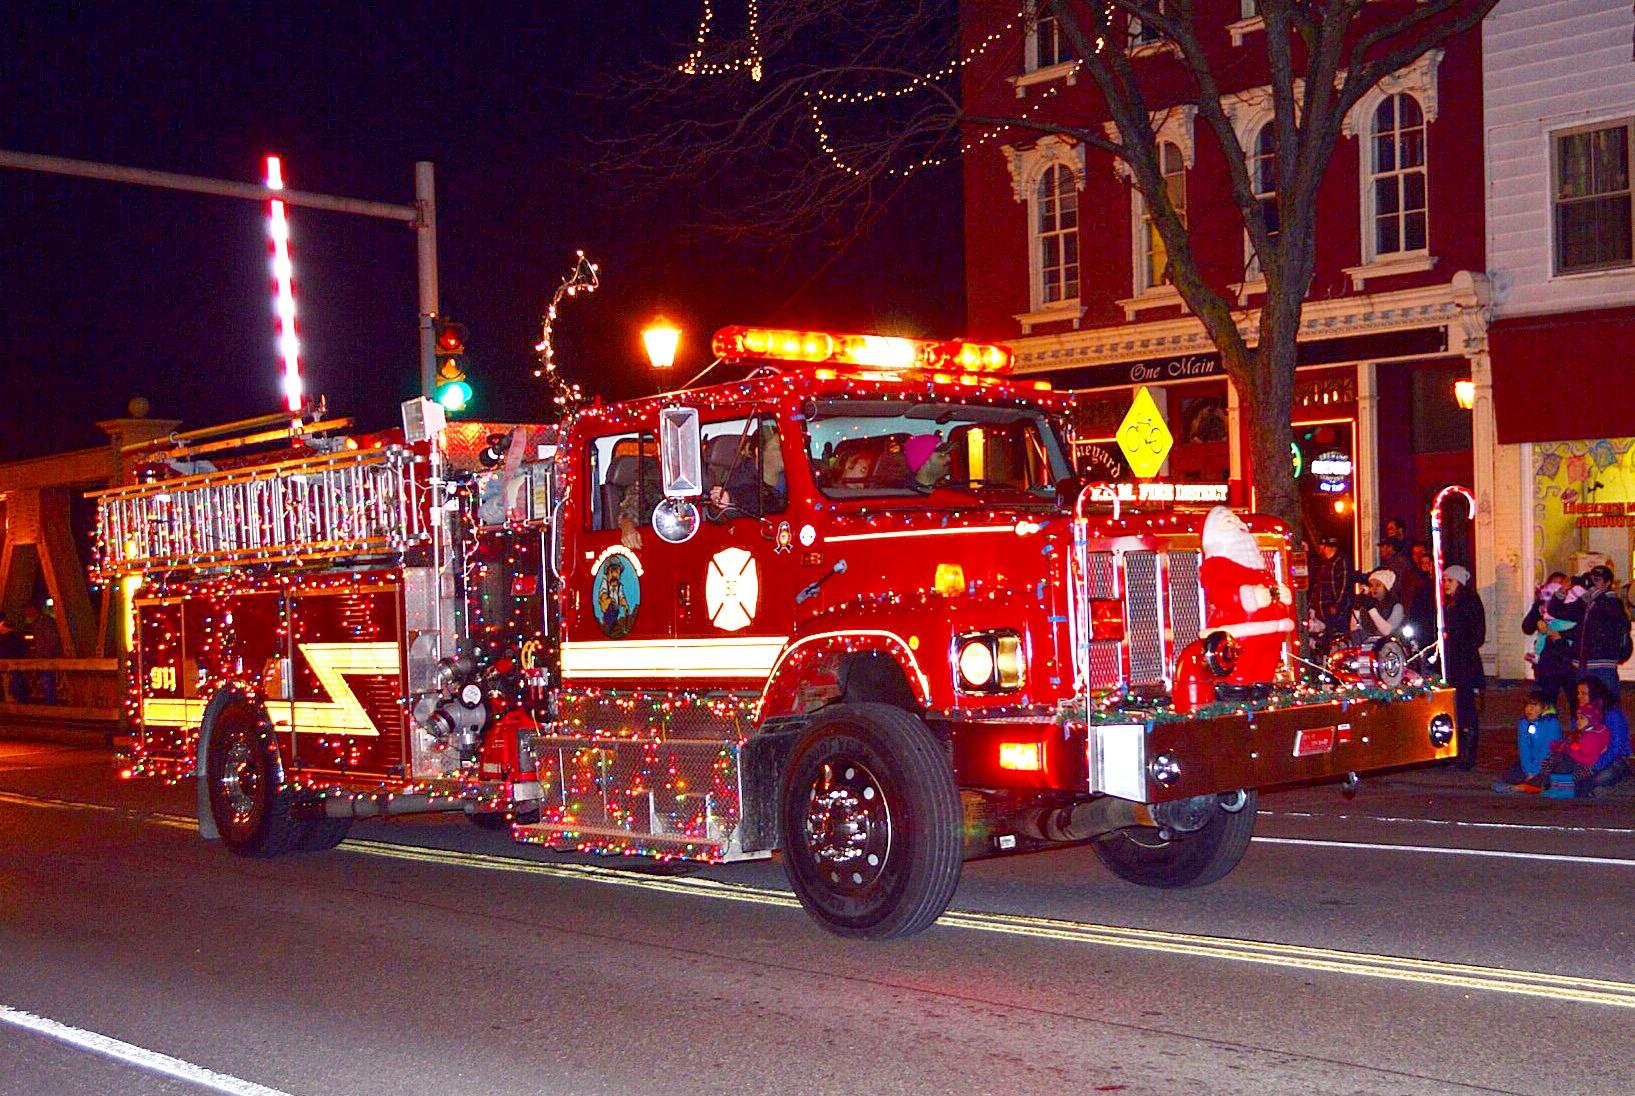 2015-fire-truck-parade-2-r-nicholson